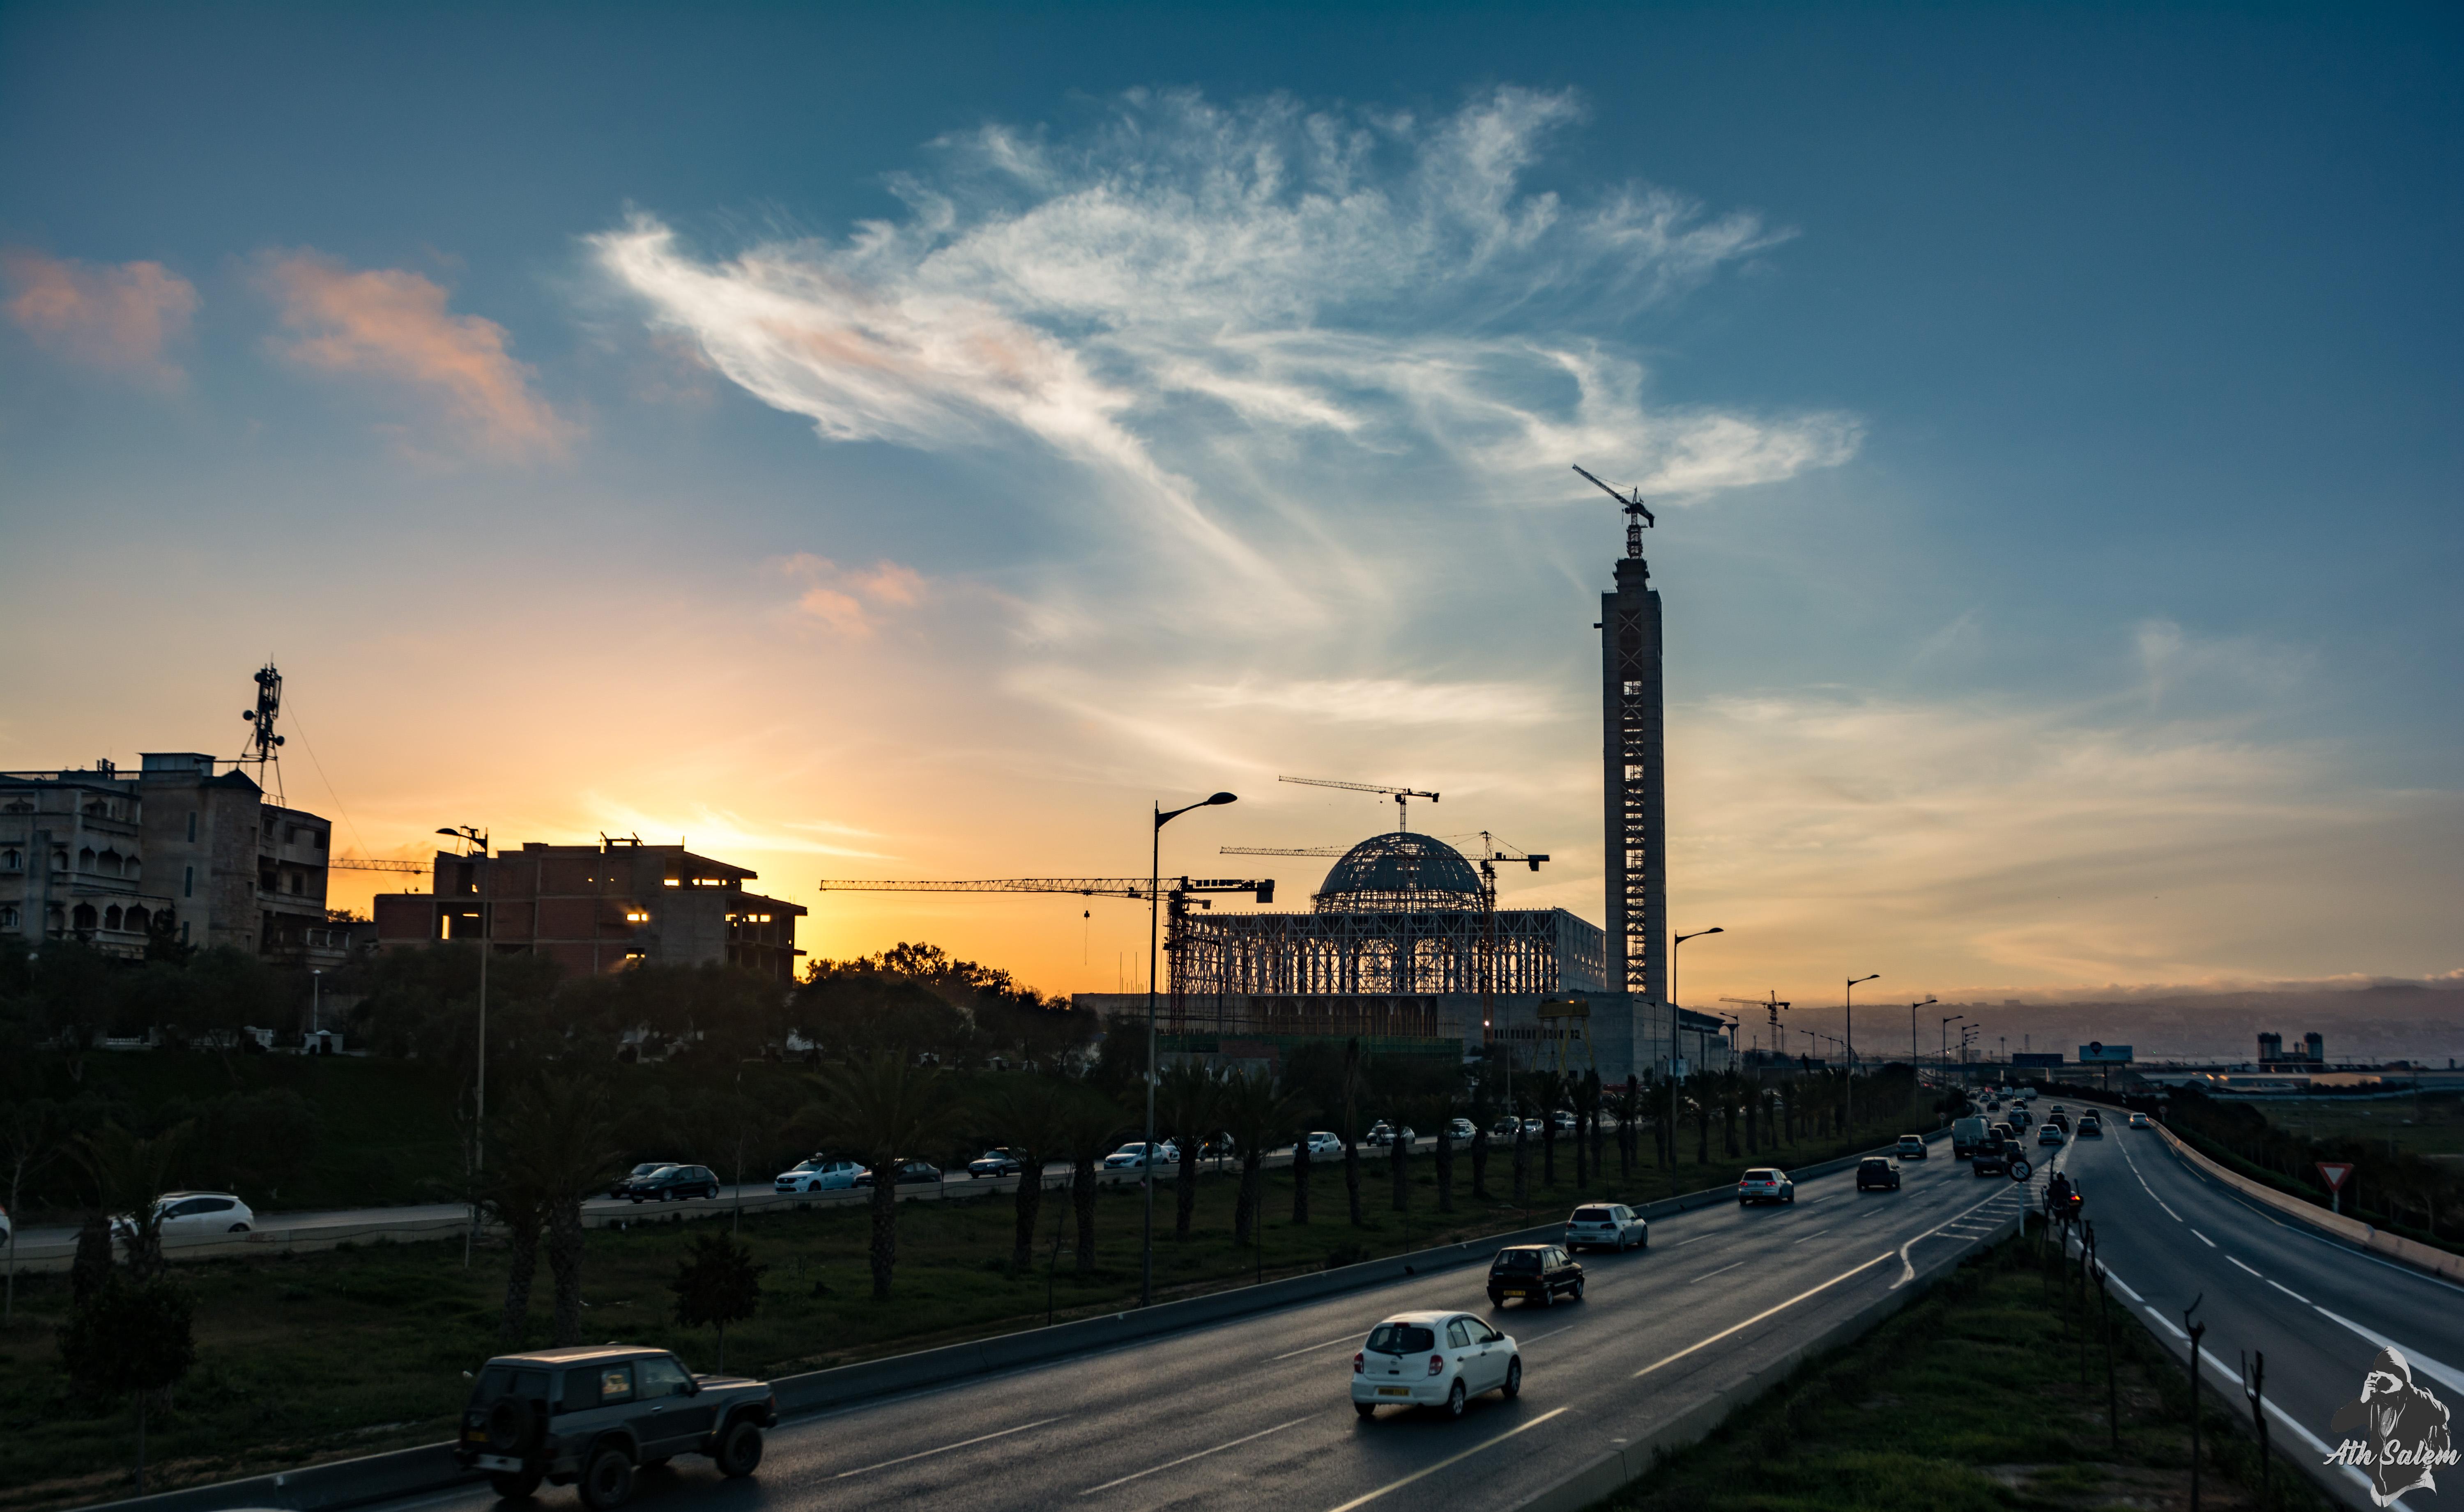 مشروع جامع الجزائر الأعظم: إعطاء إشارة إنطلاق أشغال الإنجاز - صفحة 19 33592197251_ff4ac1c614_o